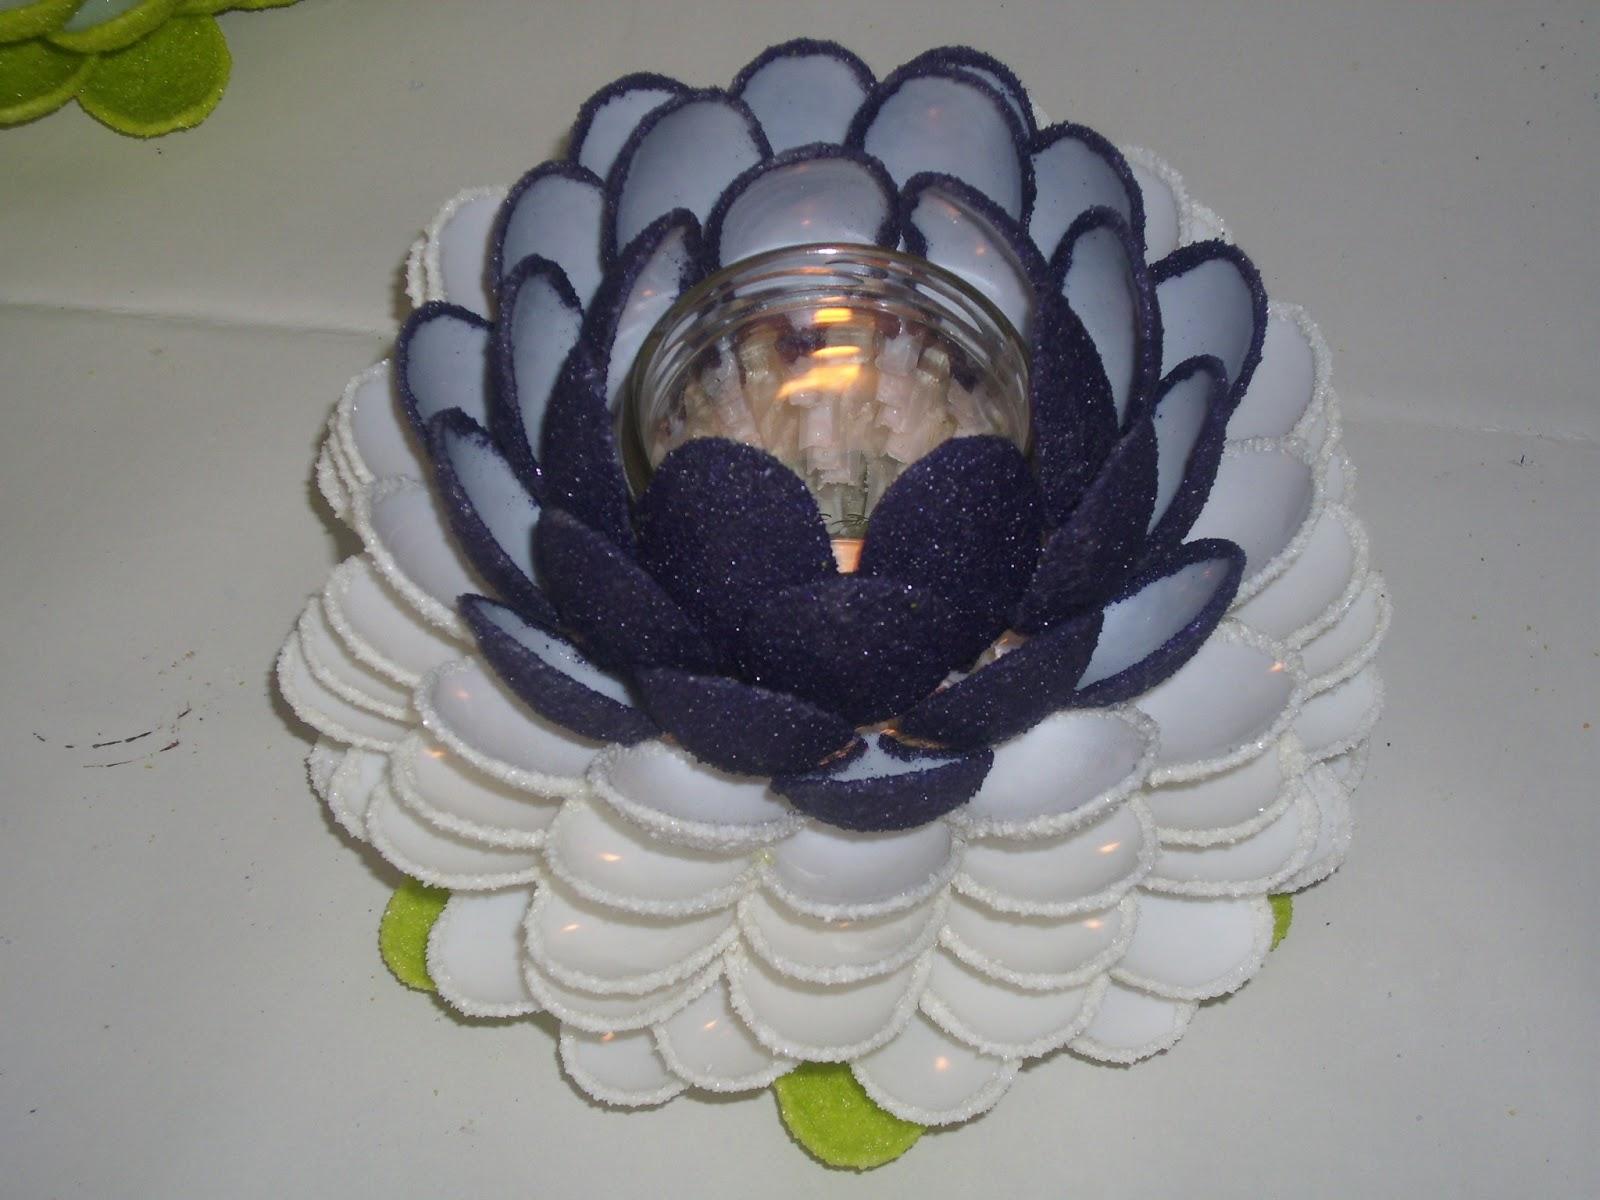 vielfalt oma erz hlt anleitung zum basteln von teelichtern mit plastikl ffeln. Black Bedroom Furniture Sets. Home Design Ideas